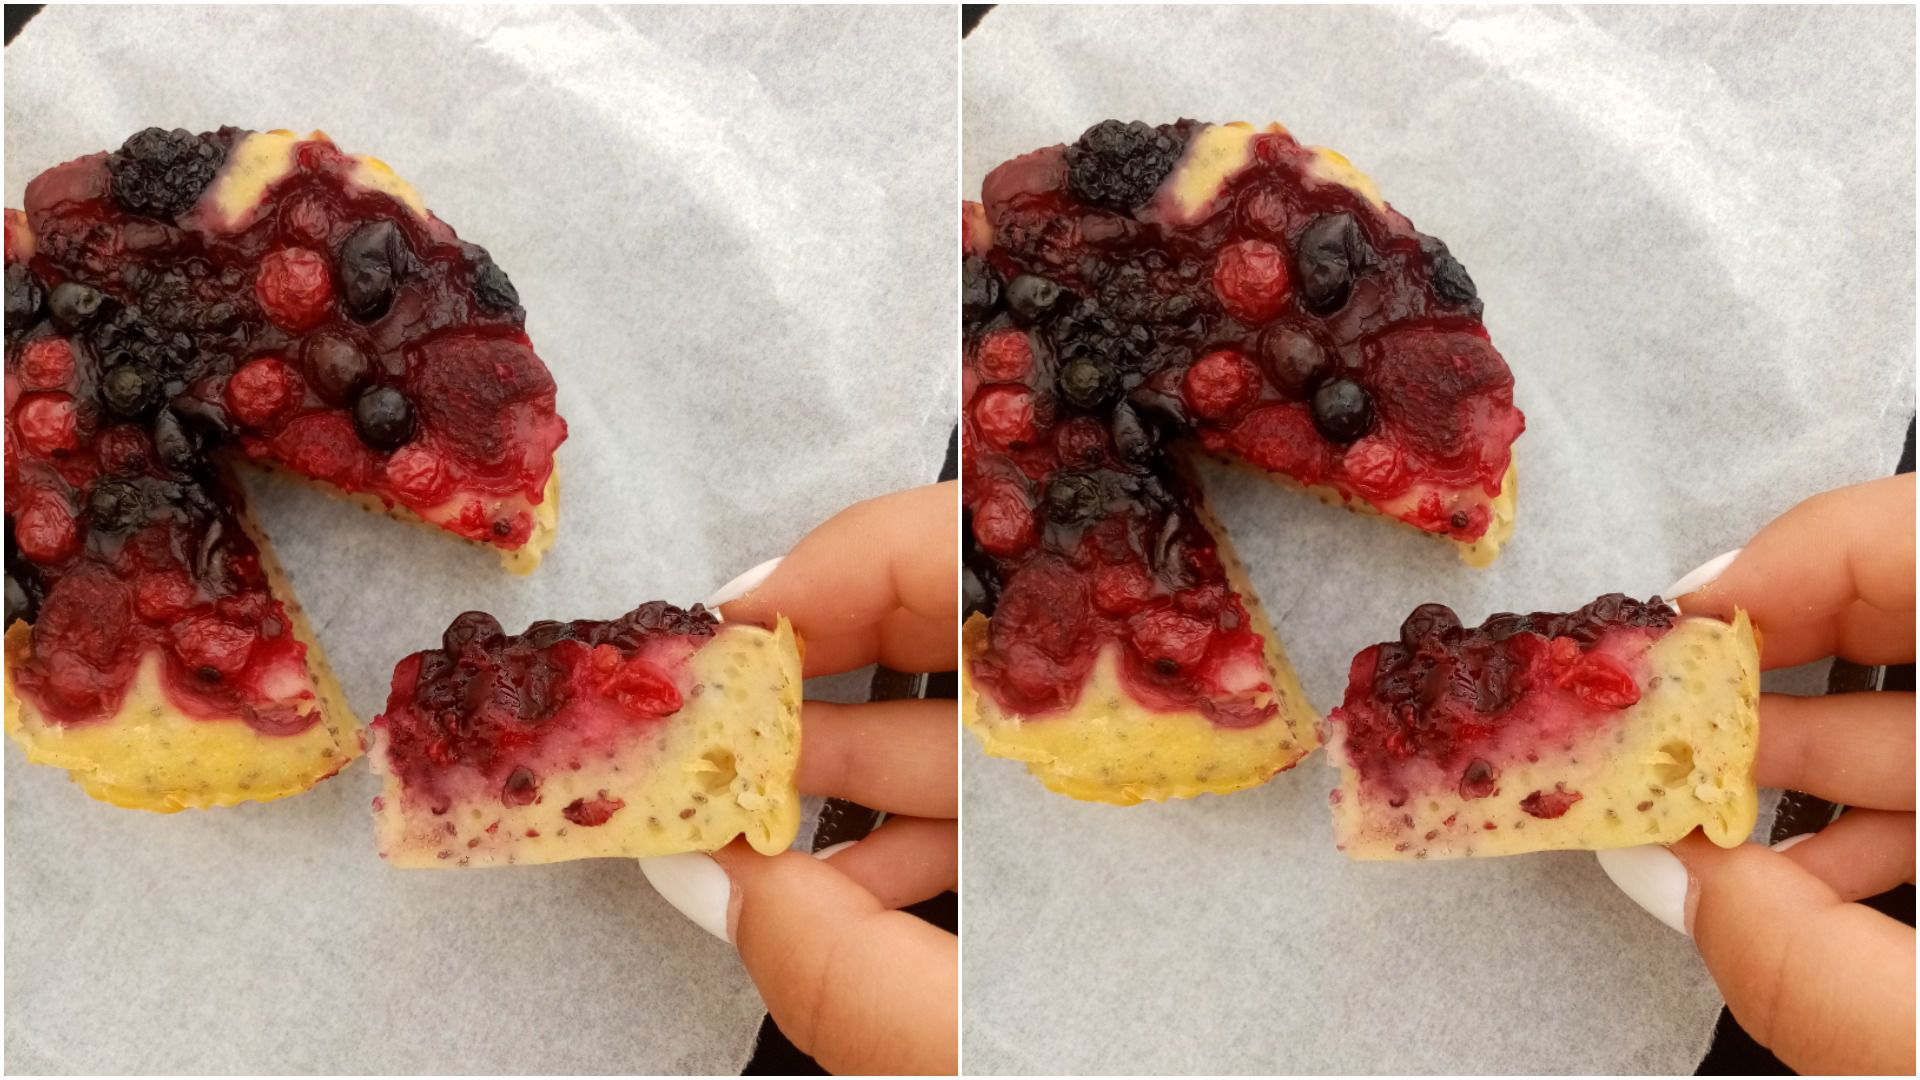 Sočno, ukusno, a od zdravih sastojaka: Napravite tortu od šumskog voća kojom ćete zasladiti nedjelju